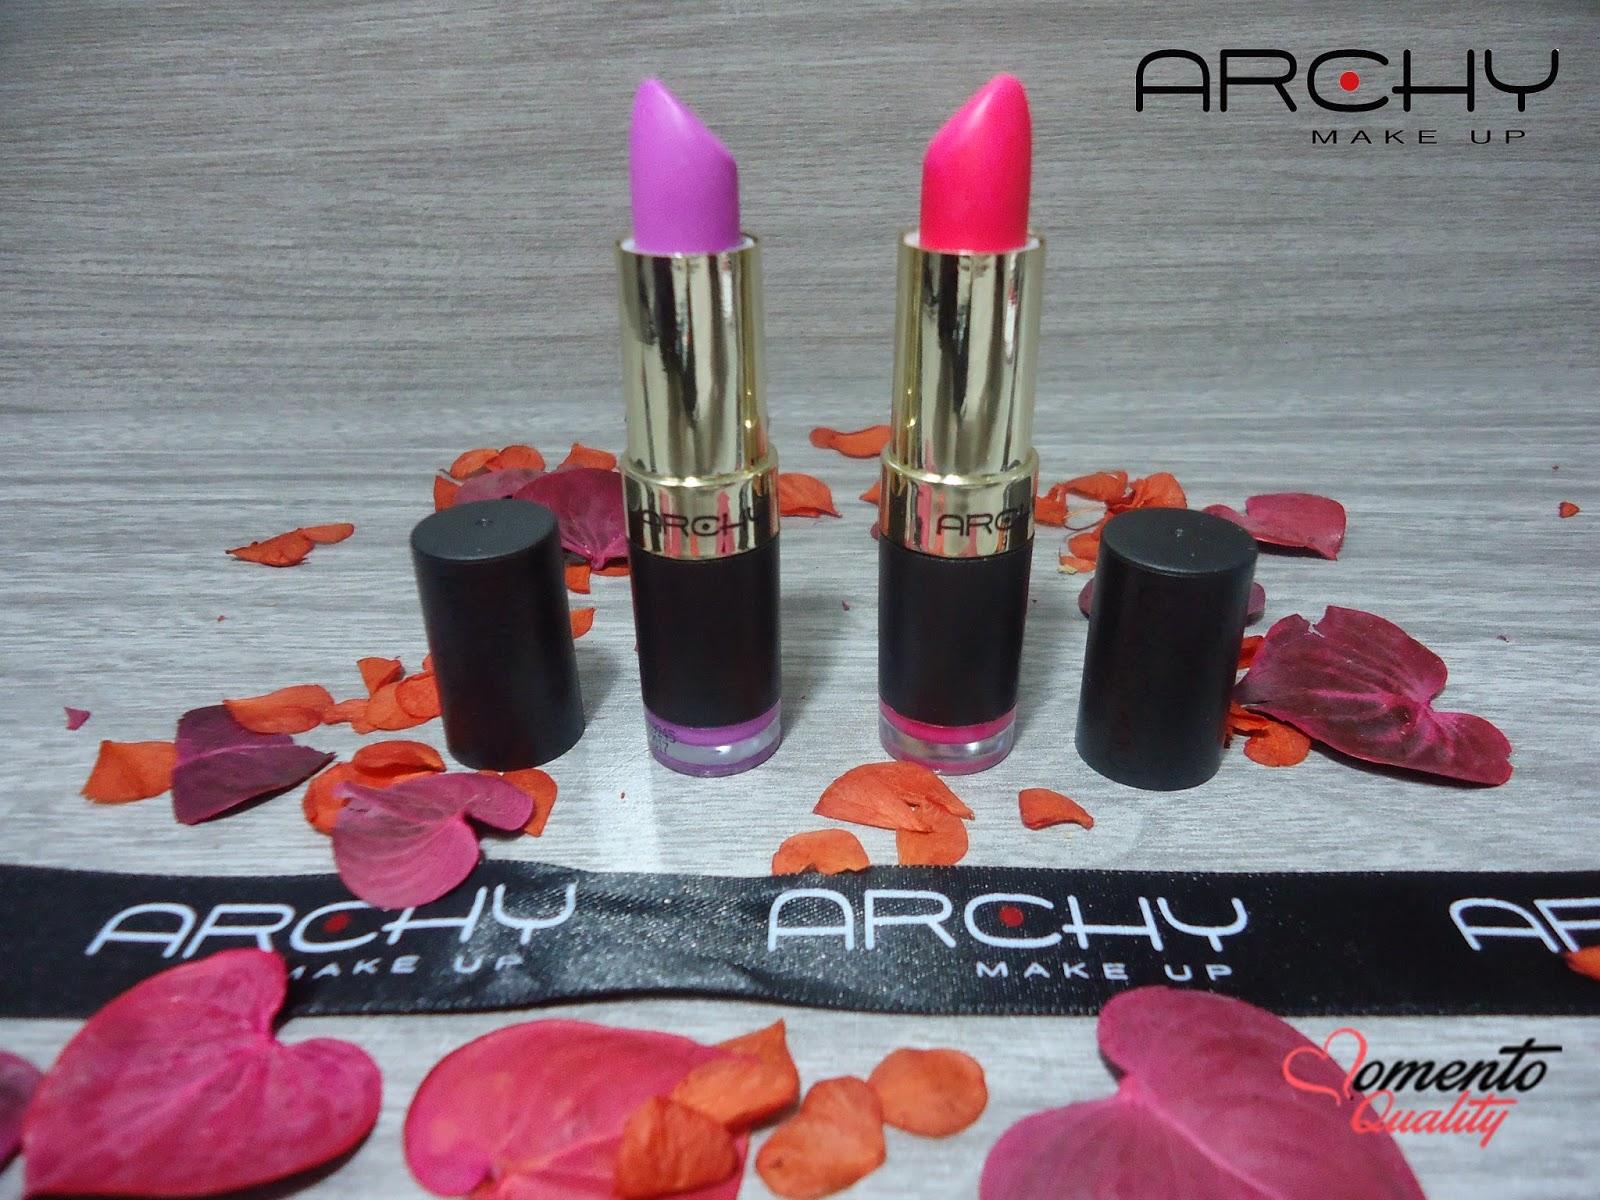 Batom Archy Make Up Momento Quality